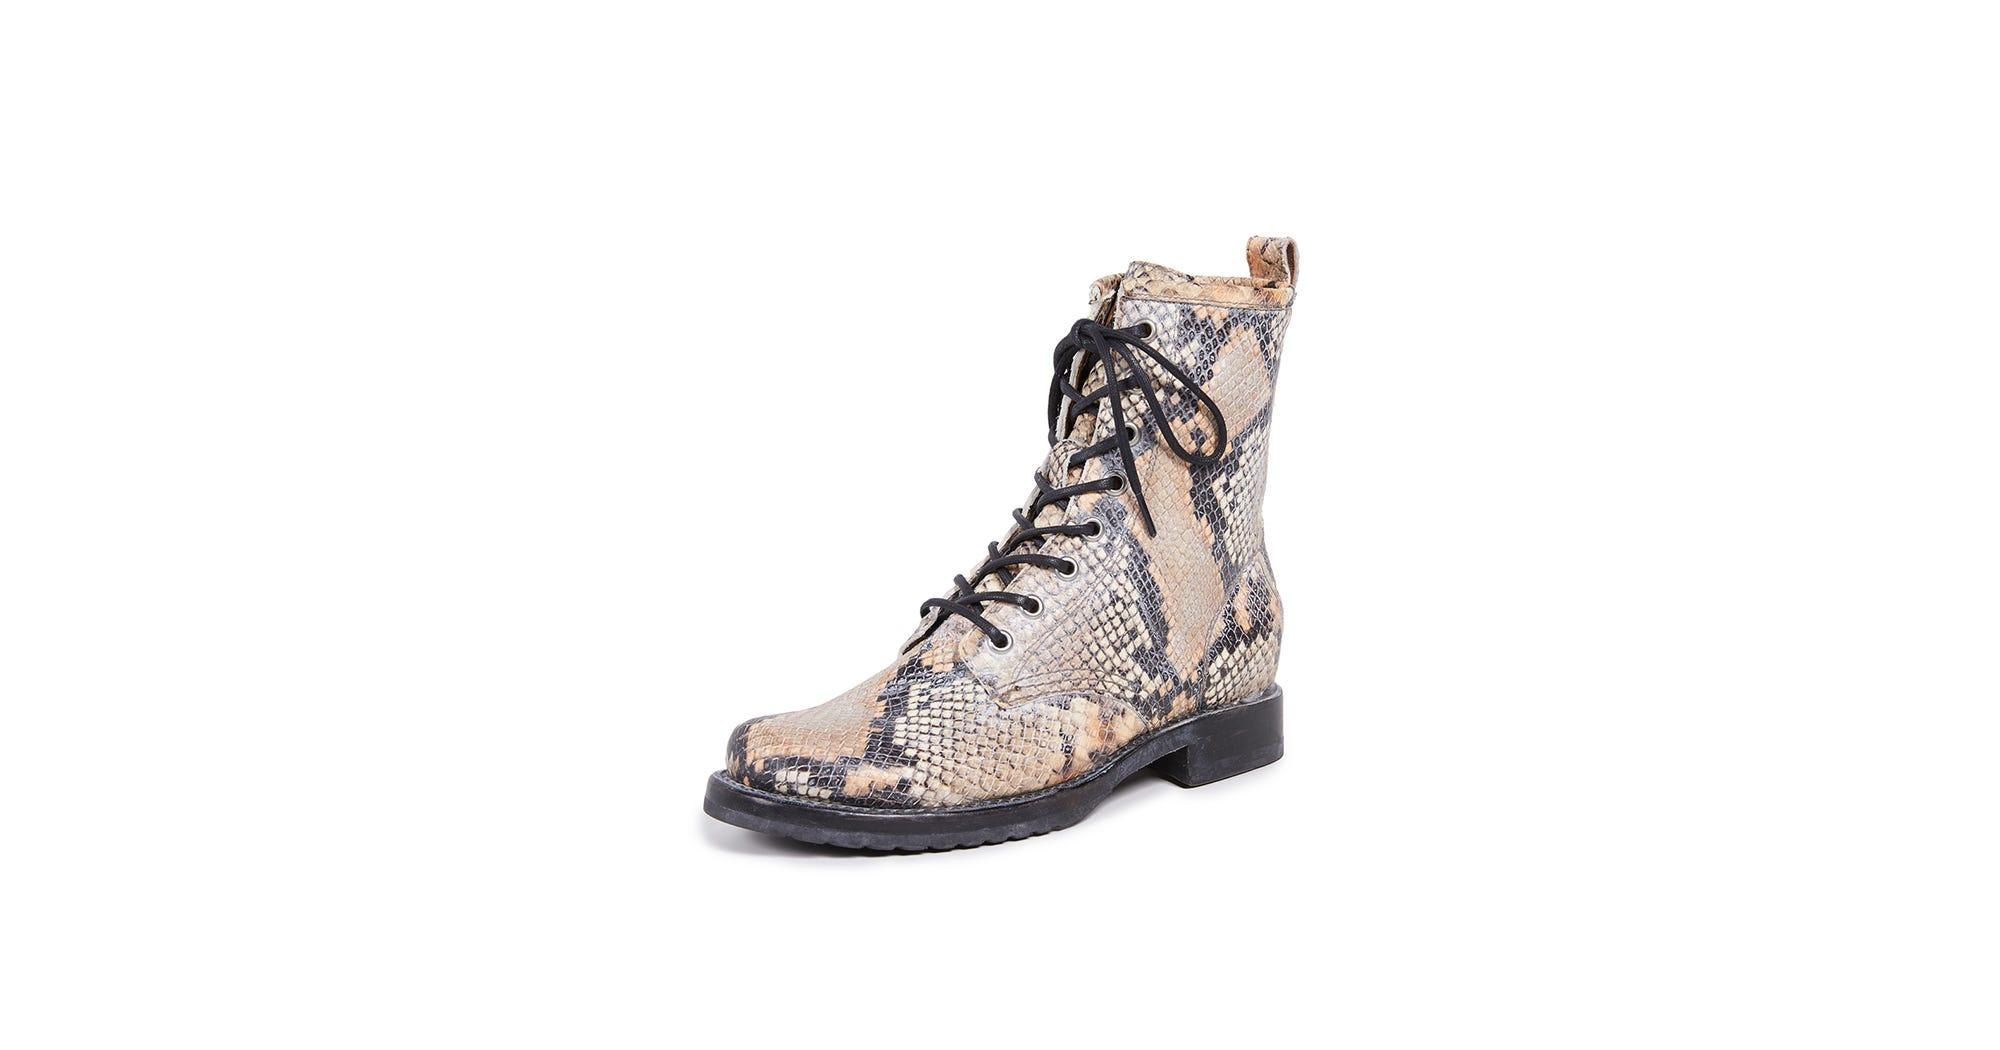 277fd00ed68 Shoes To Wear To Coachella 2019 Music Festival Footwear